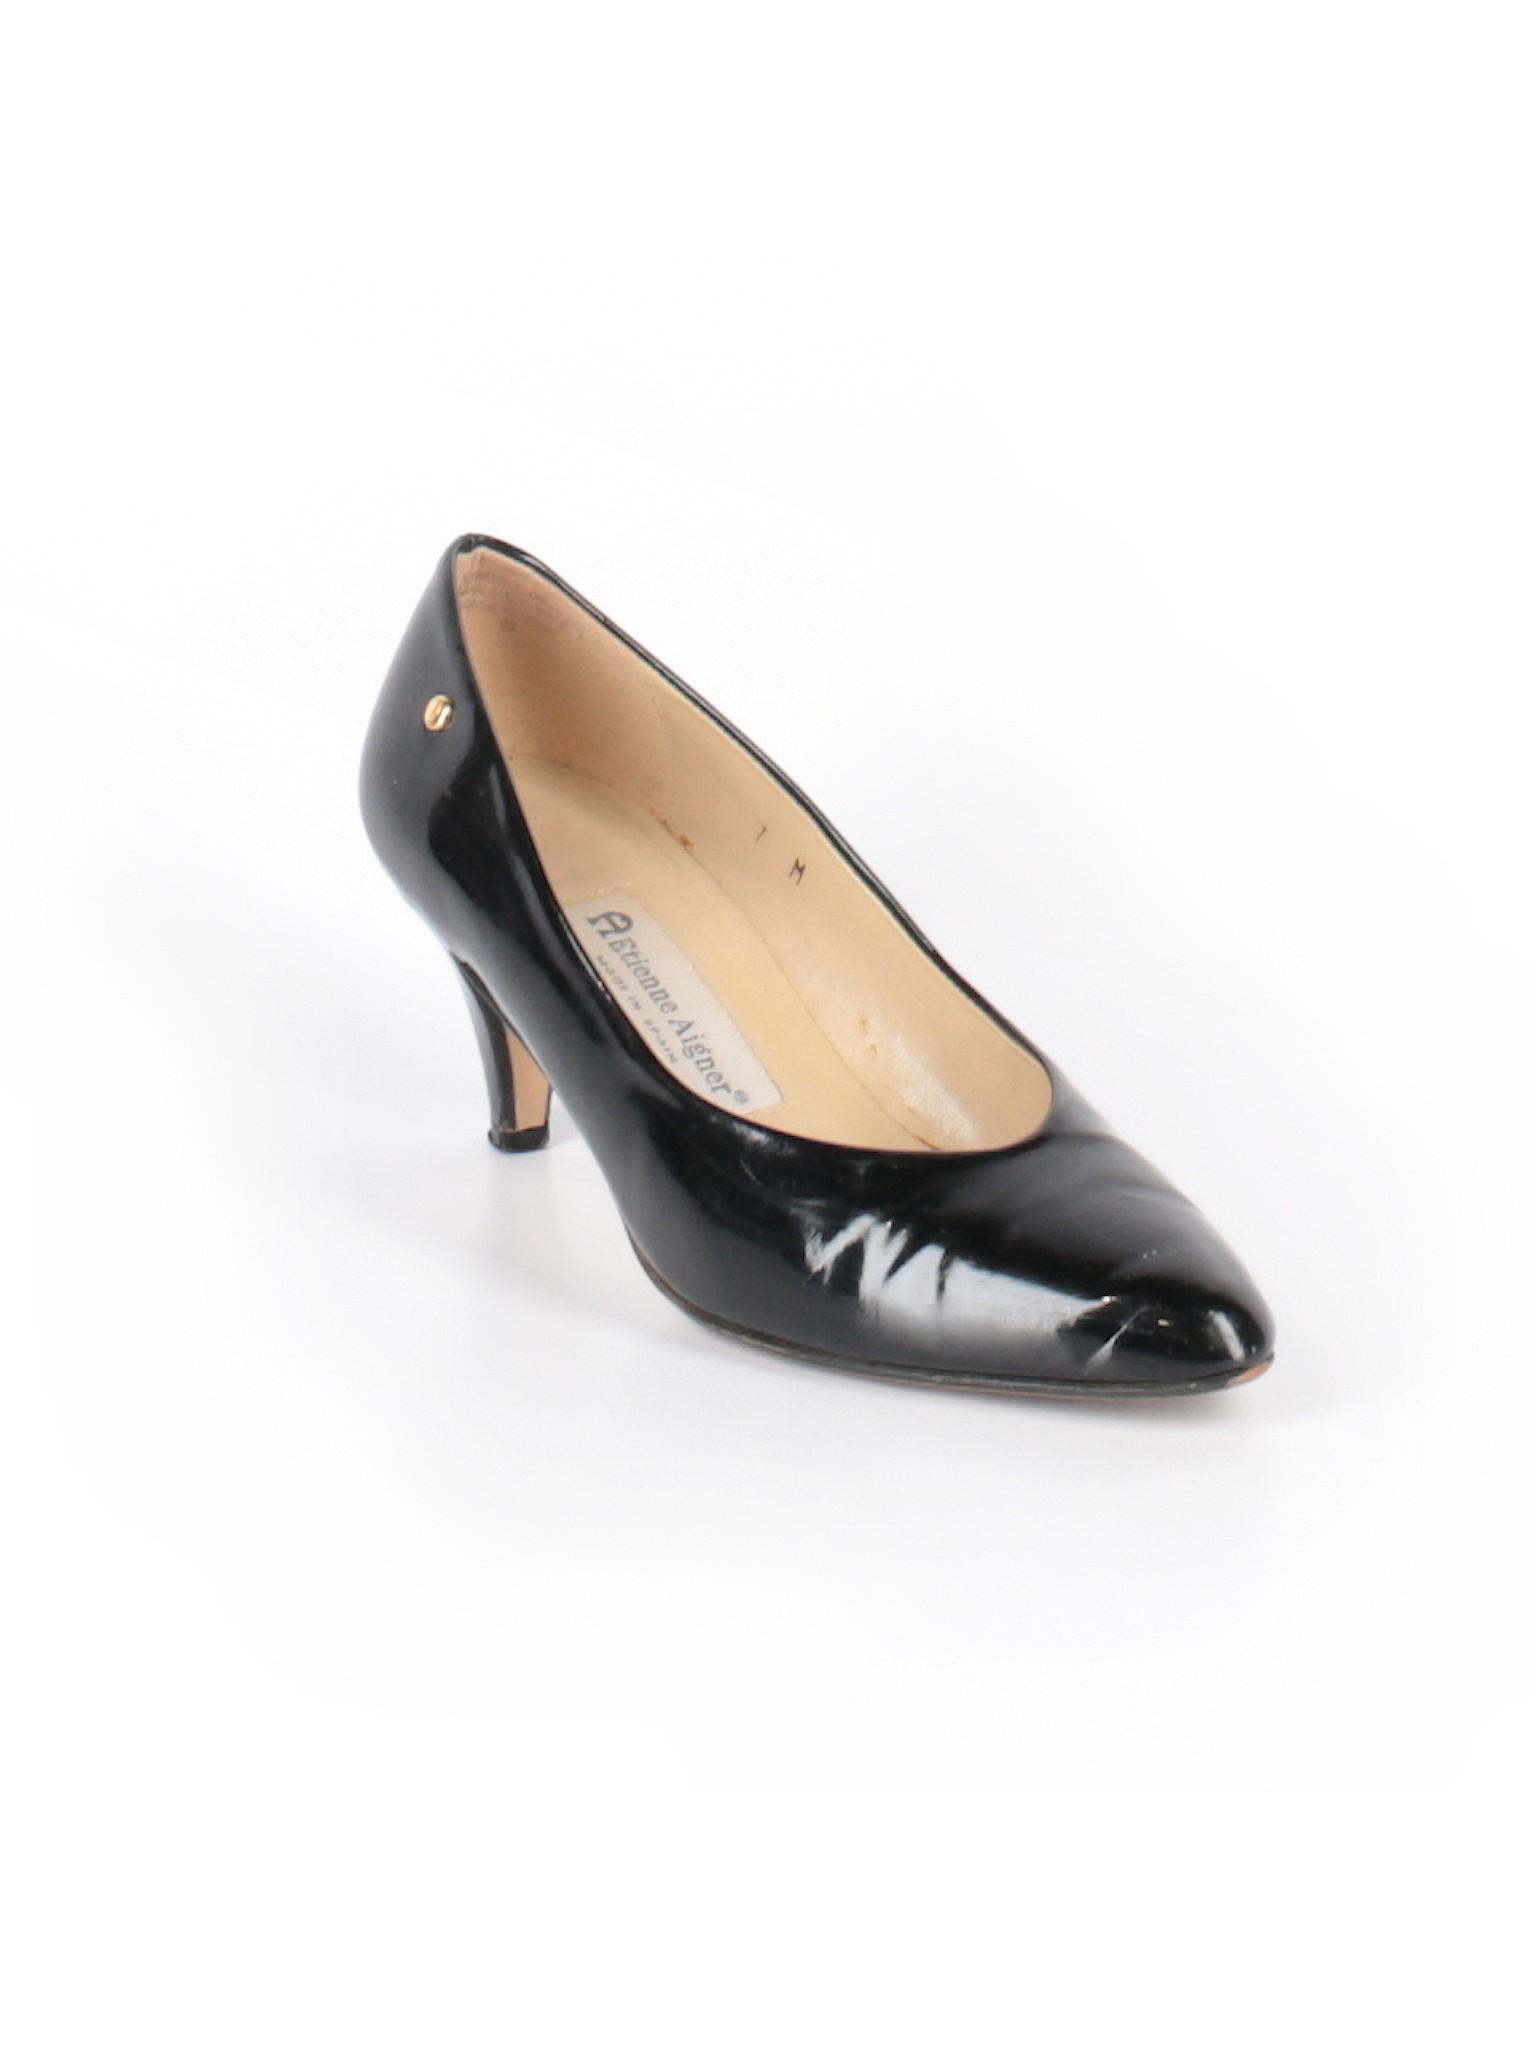 Aigner Boutique Etienne Boutique promotion Heels promotion SBTIpT